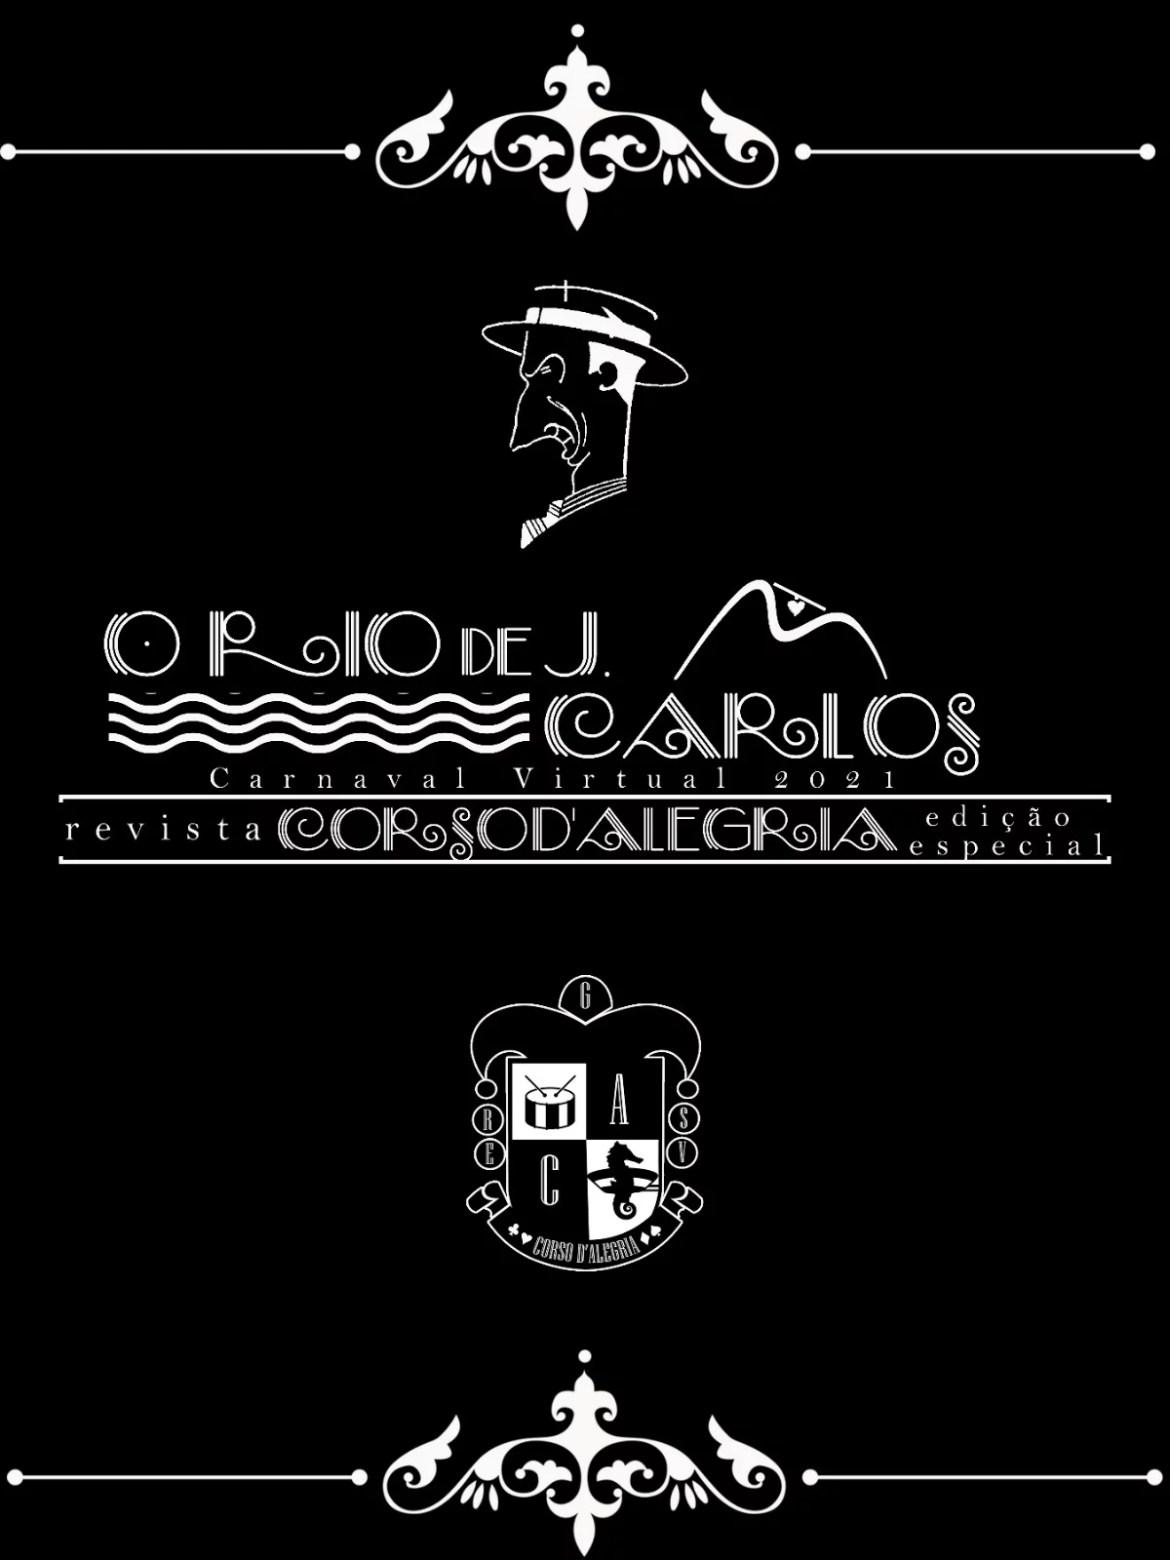 Corso D'Alegria traz o Rio de J. Carlos na Edição Especial do Carnaval Virtual – LIESV